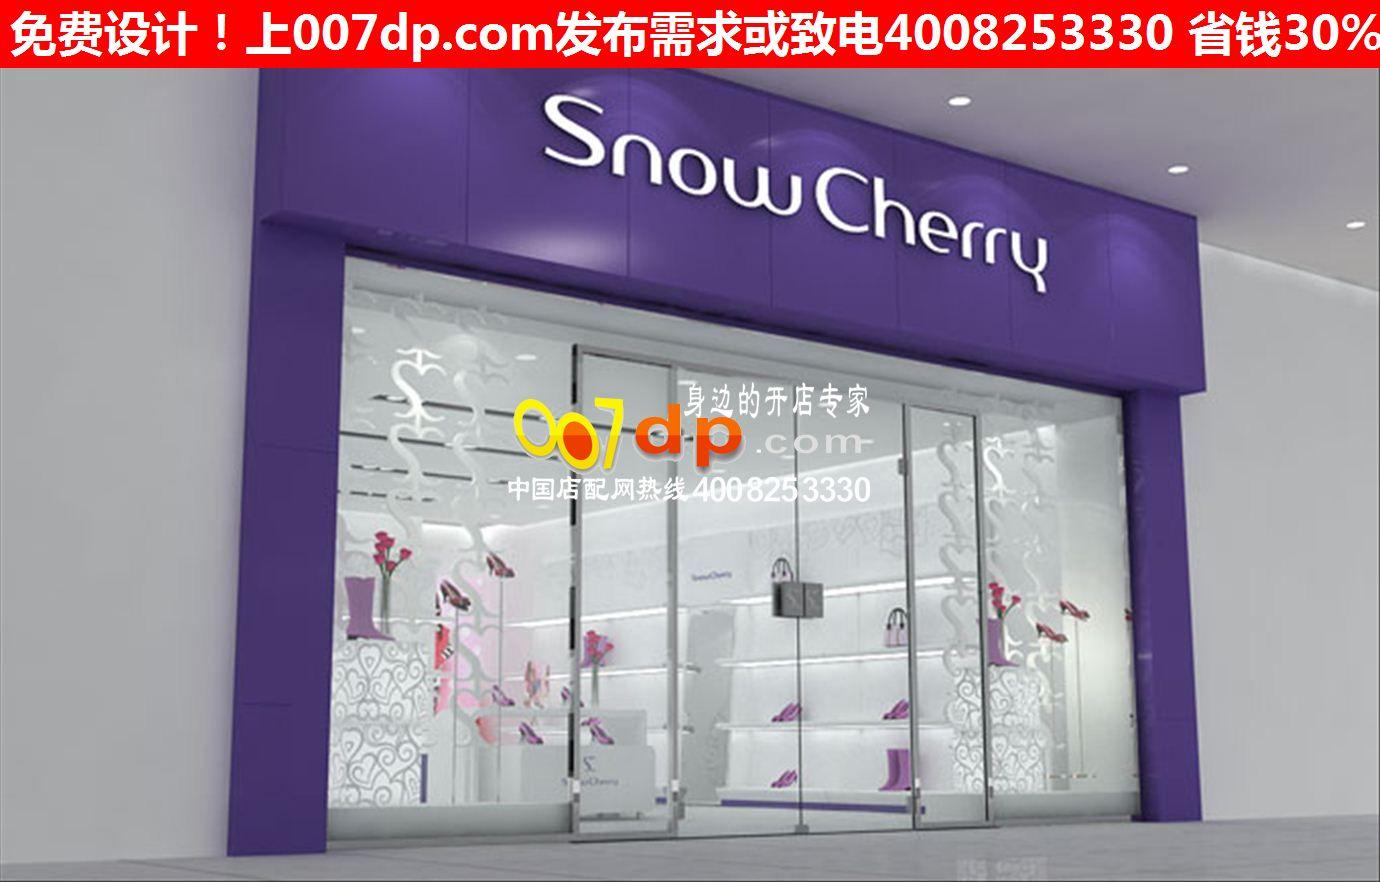 时尚鞋店装修创意鞋店货架设计简约鞋店货架效果图